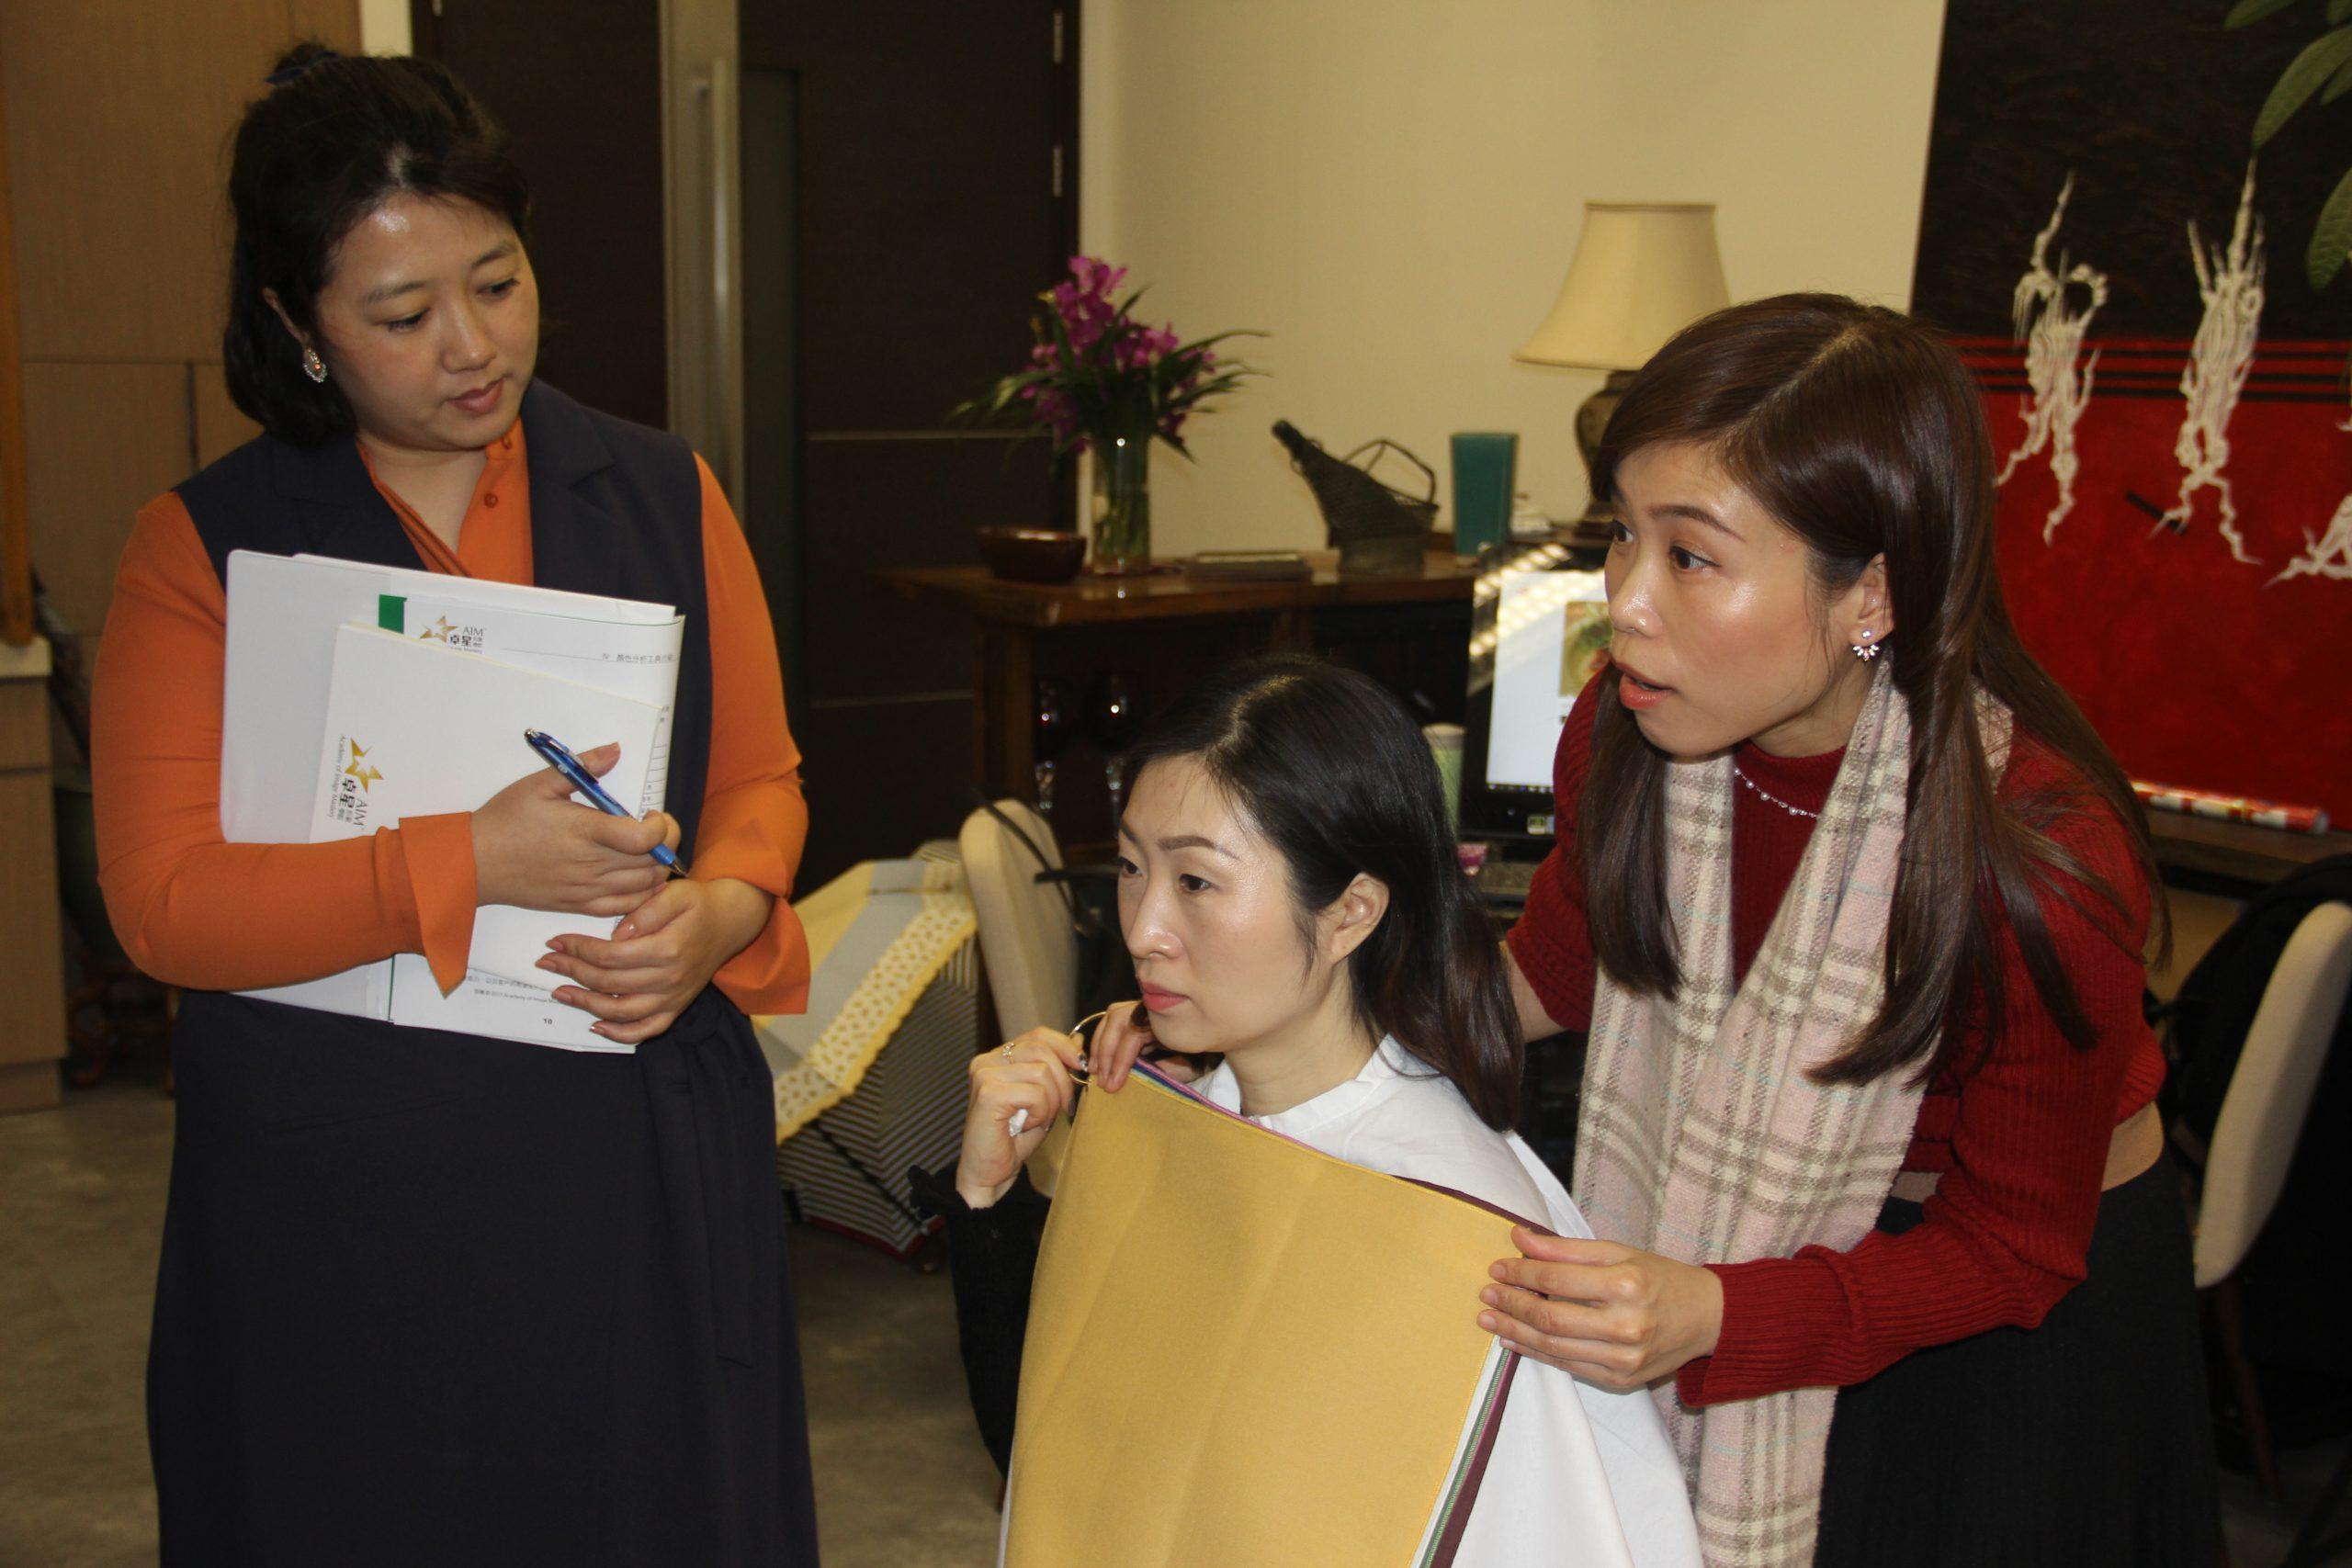 桌星形象学院香港分院基础形象顾问色彩课程